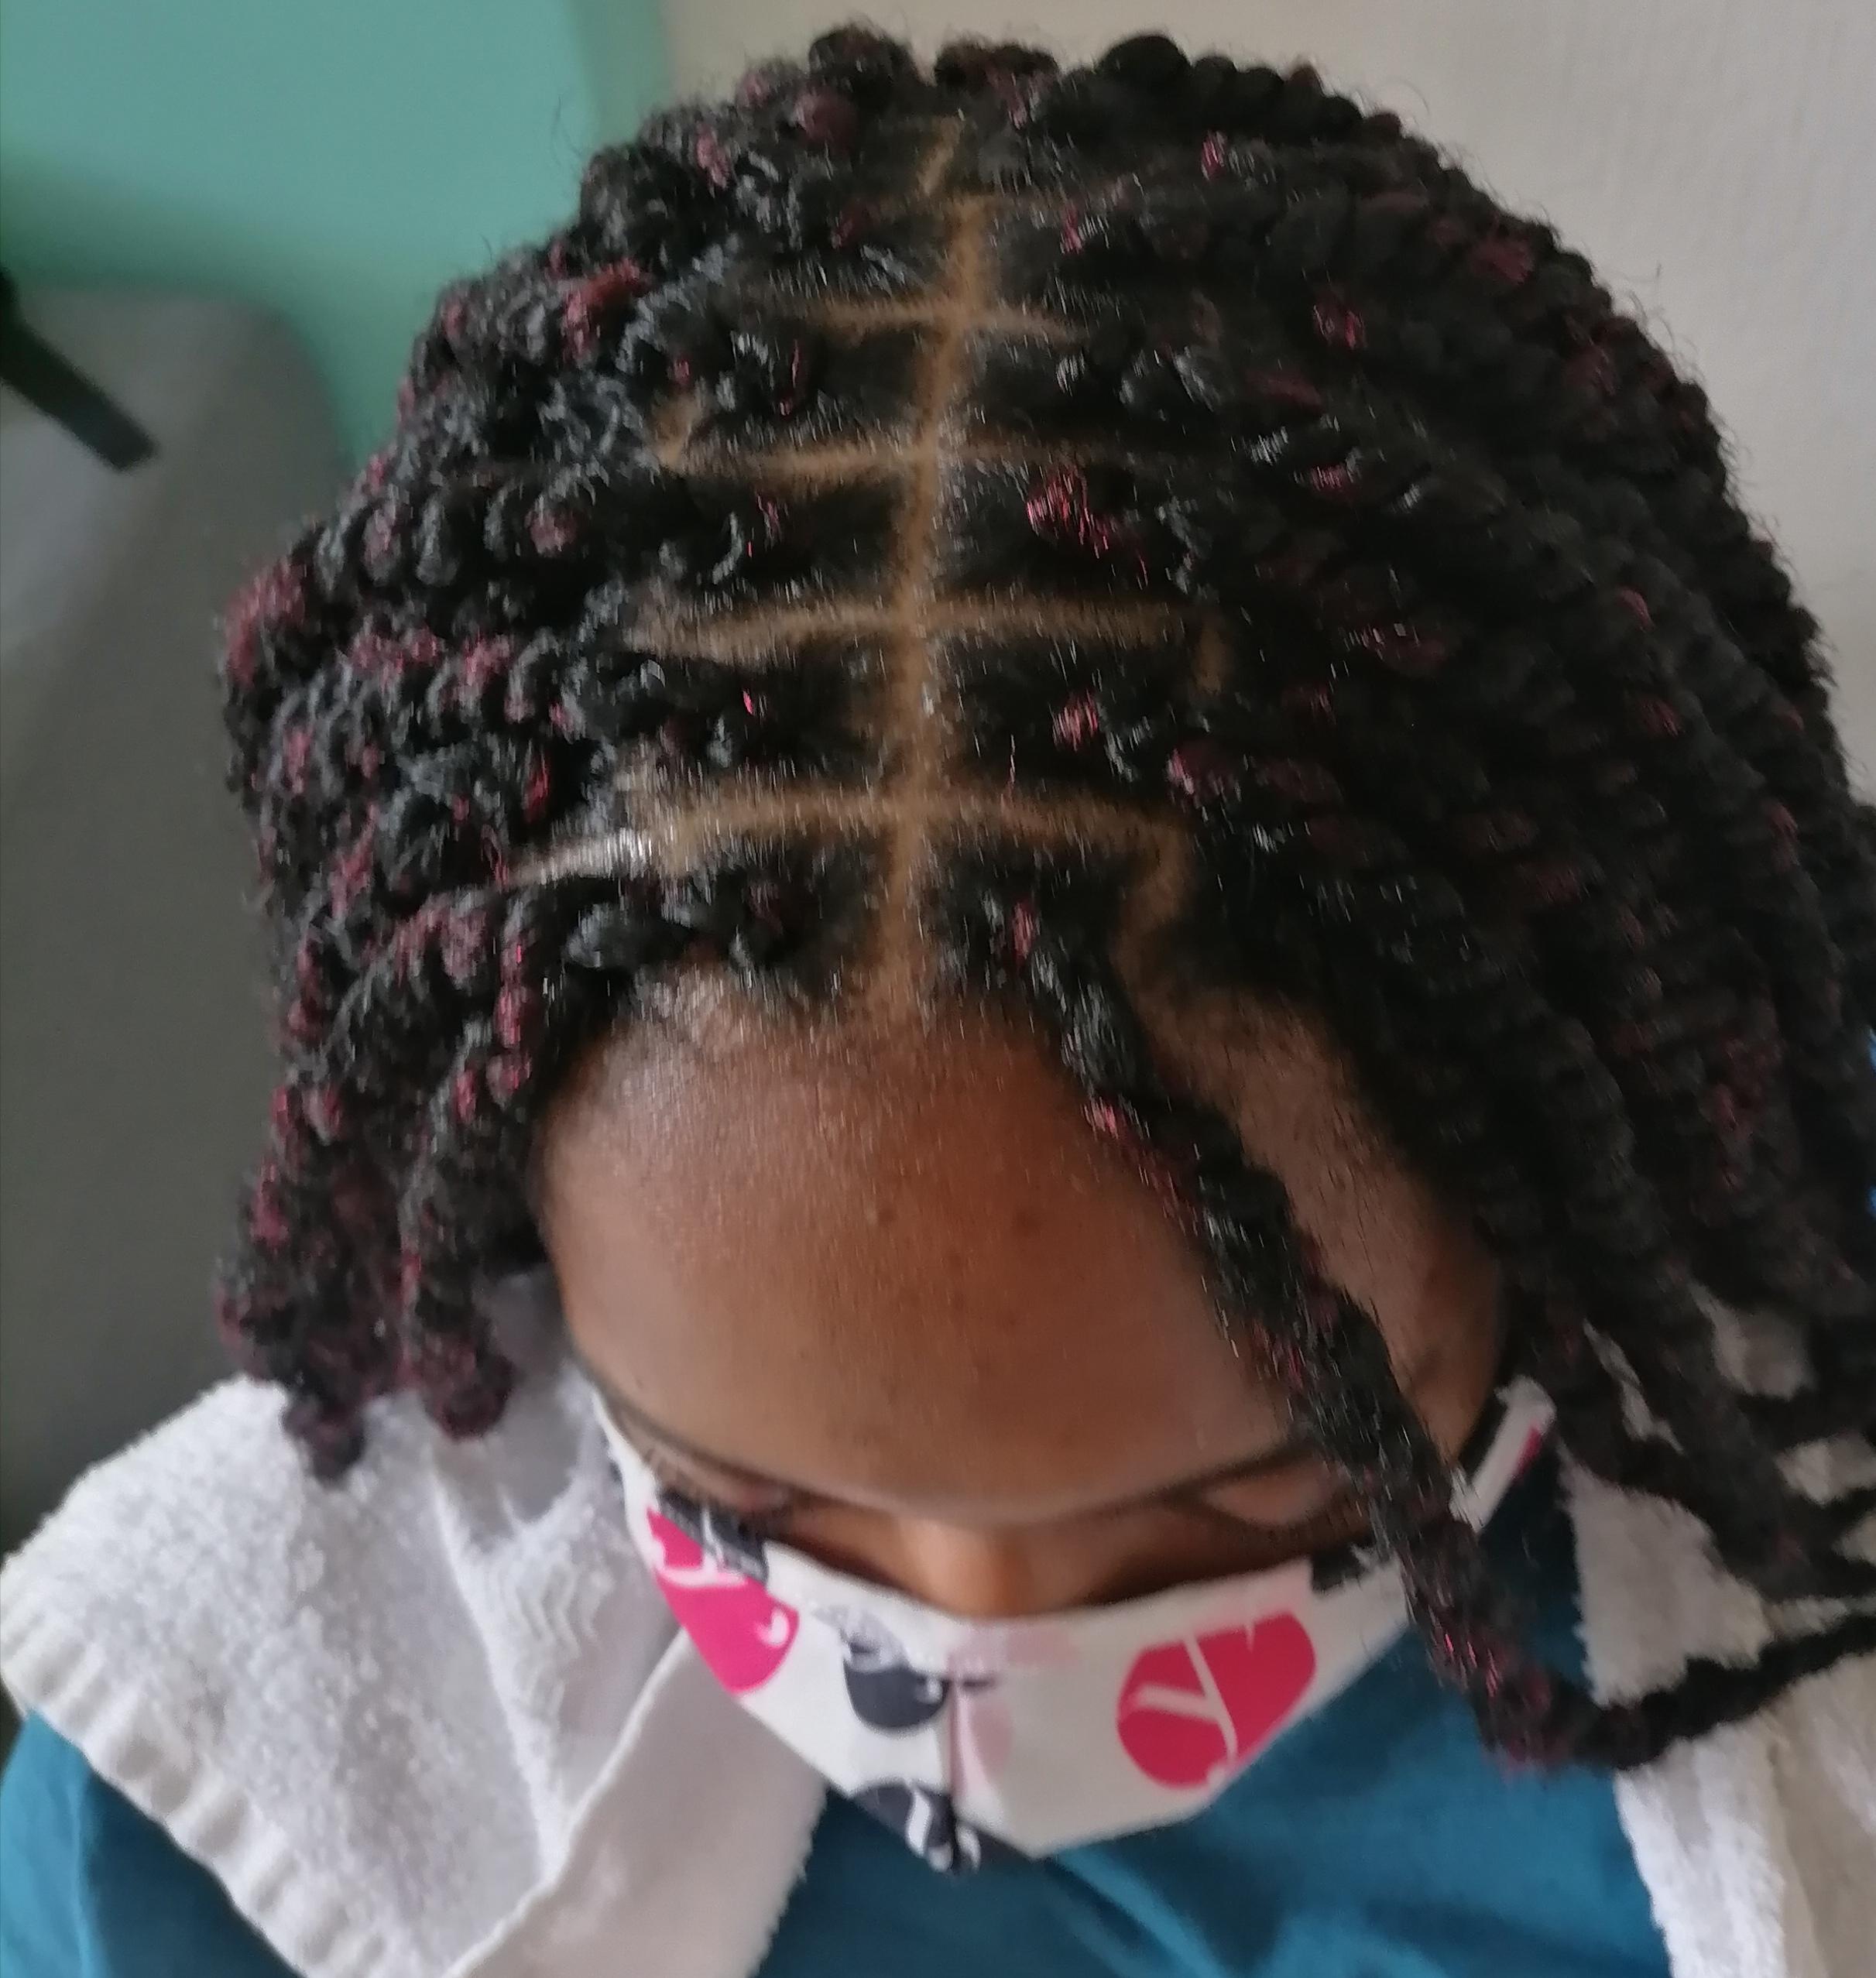 salon de coiffure afro tresse tresses box braids crochet braids vanilles tissages paris 75 77 78 91 92 93 94 95 JZGAQHDH